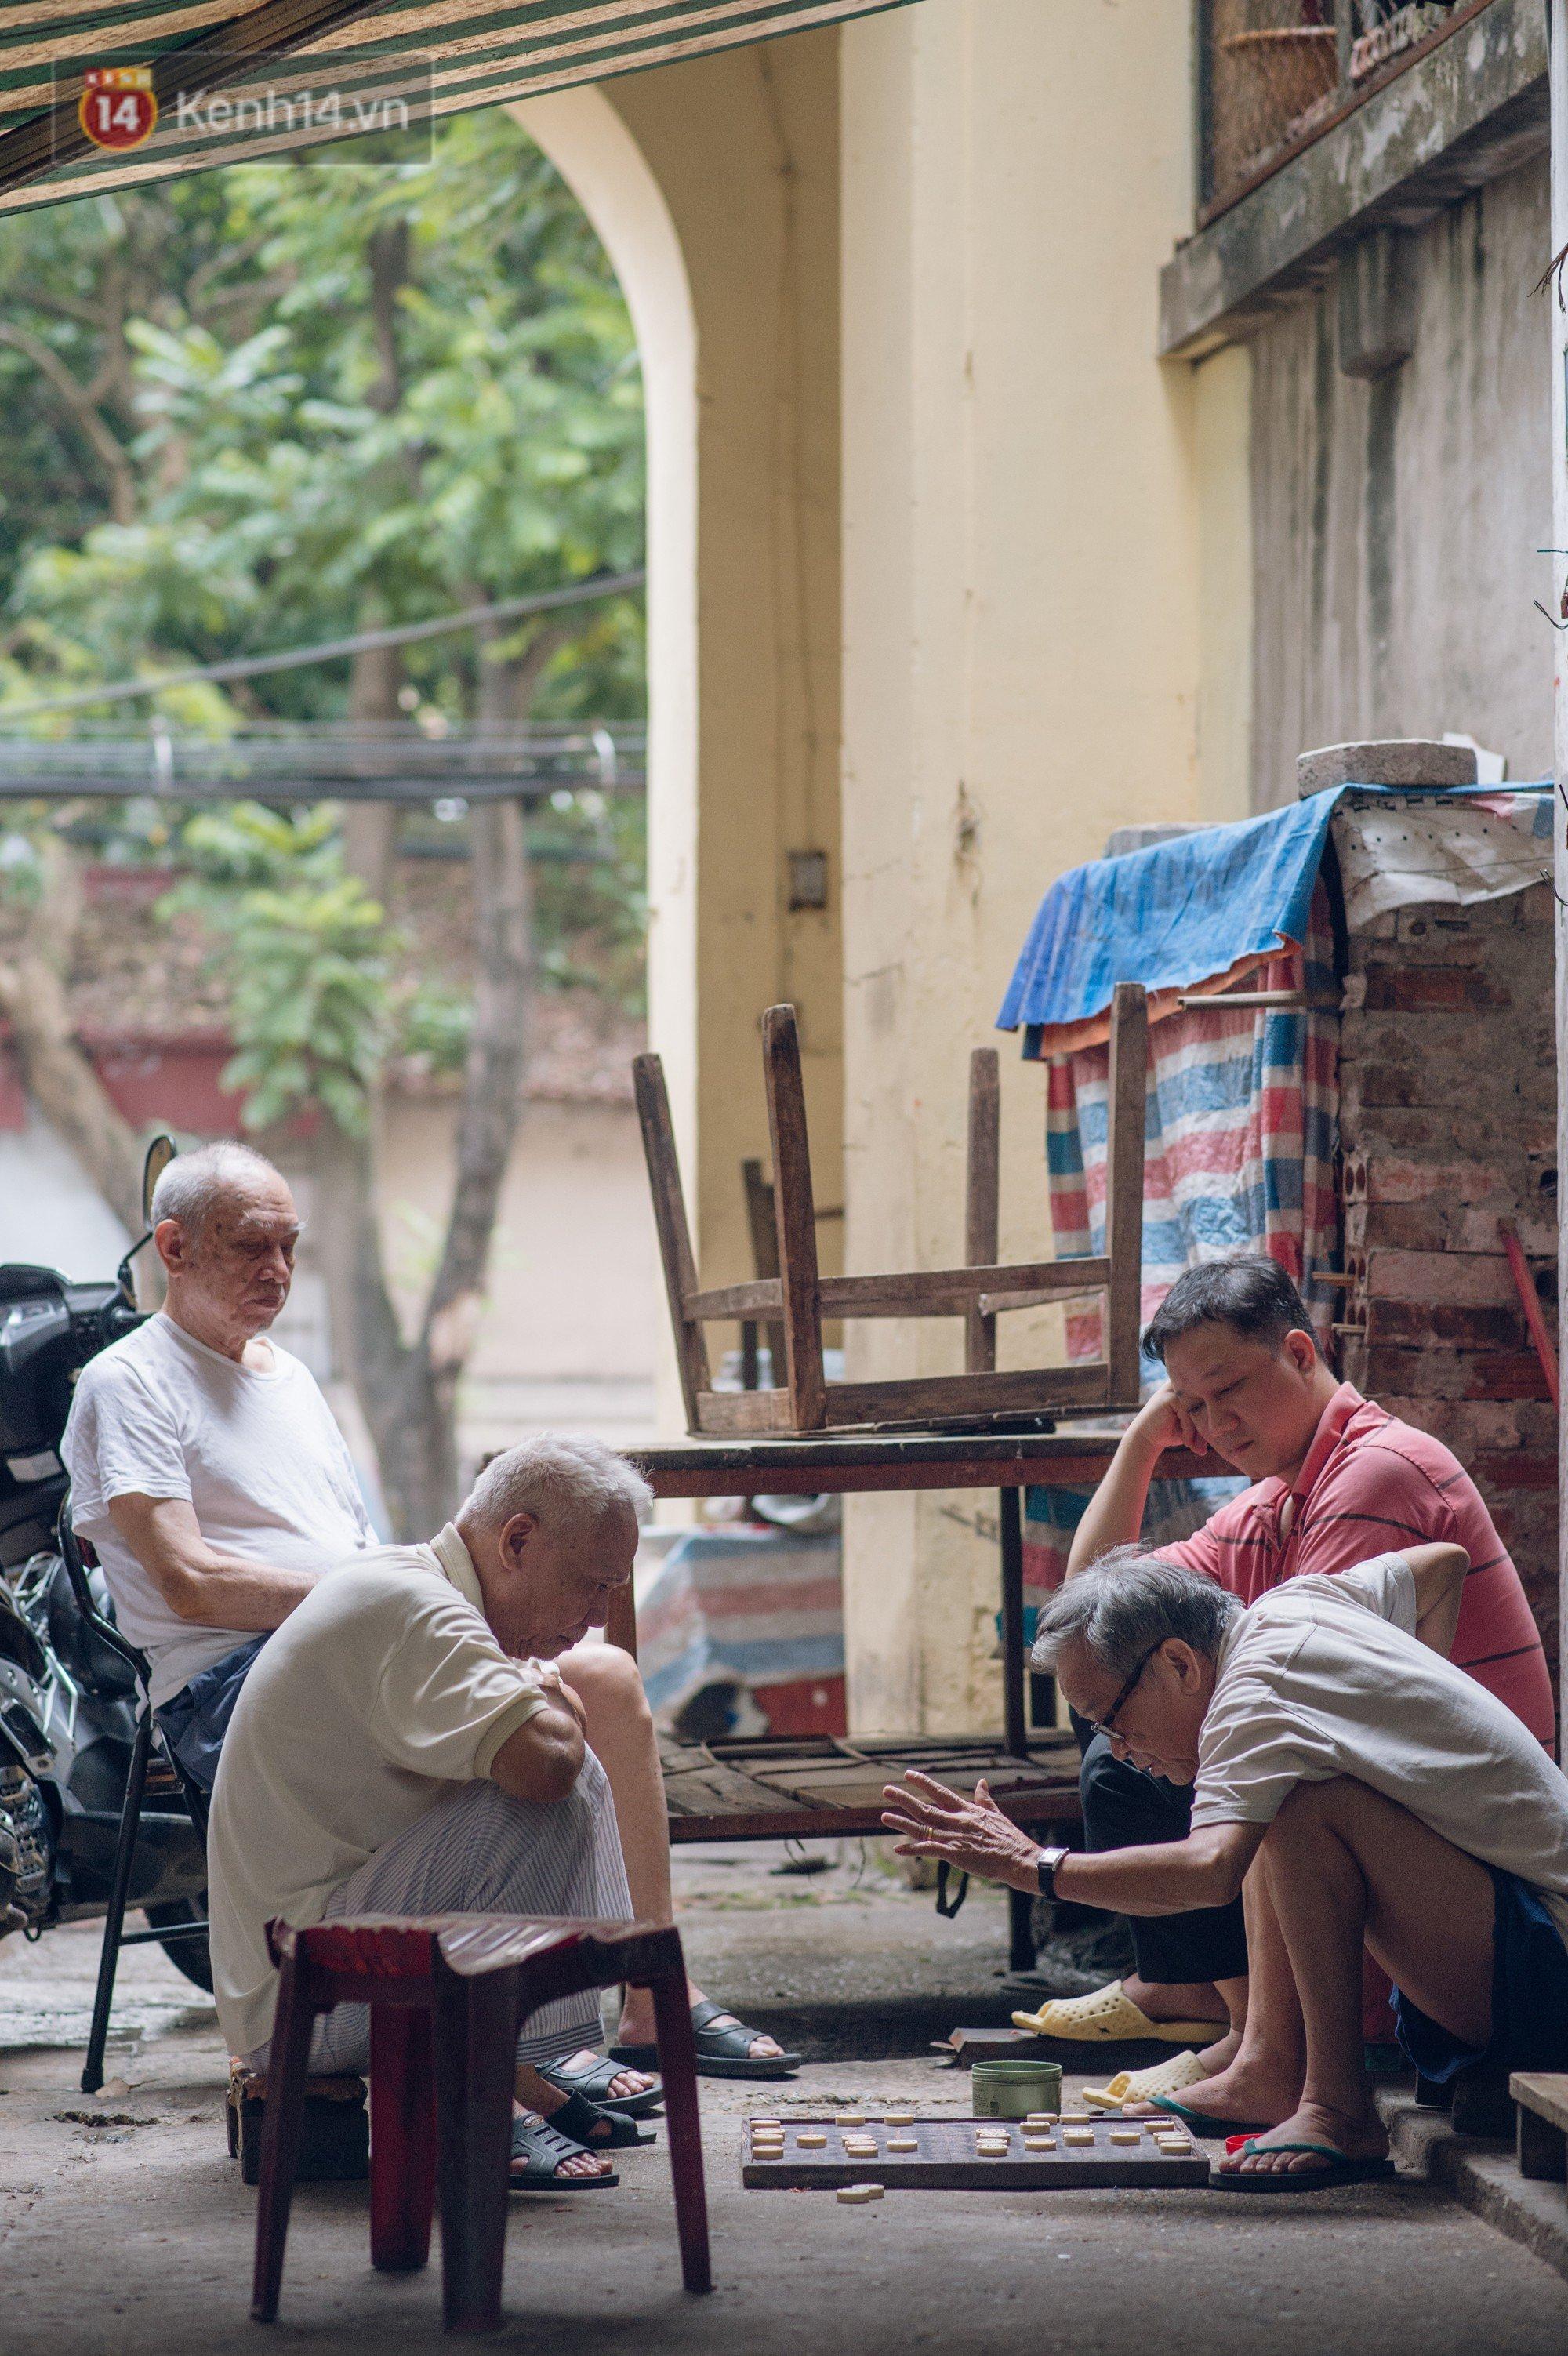 Chuyện về một con phố có nhiều cổng làng nhất Hà Nội: Đưa chân qua cổng phải tôn trọng nếp làng 17